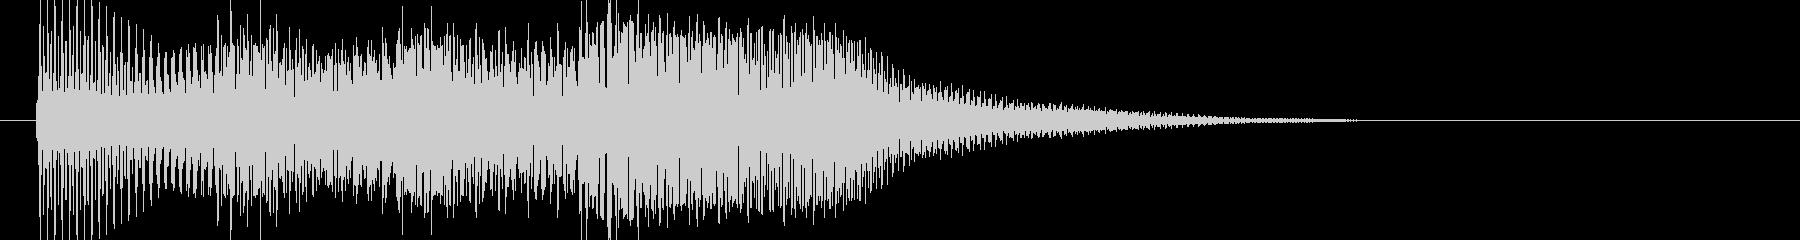 テロリラン_ベル(スロットでの確定音)の未再生の波形